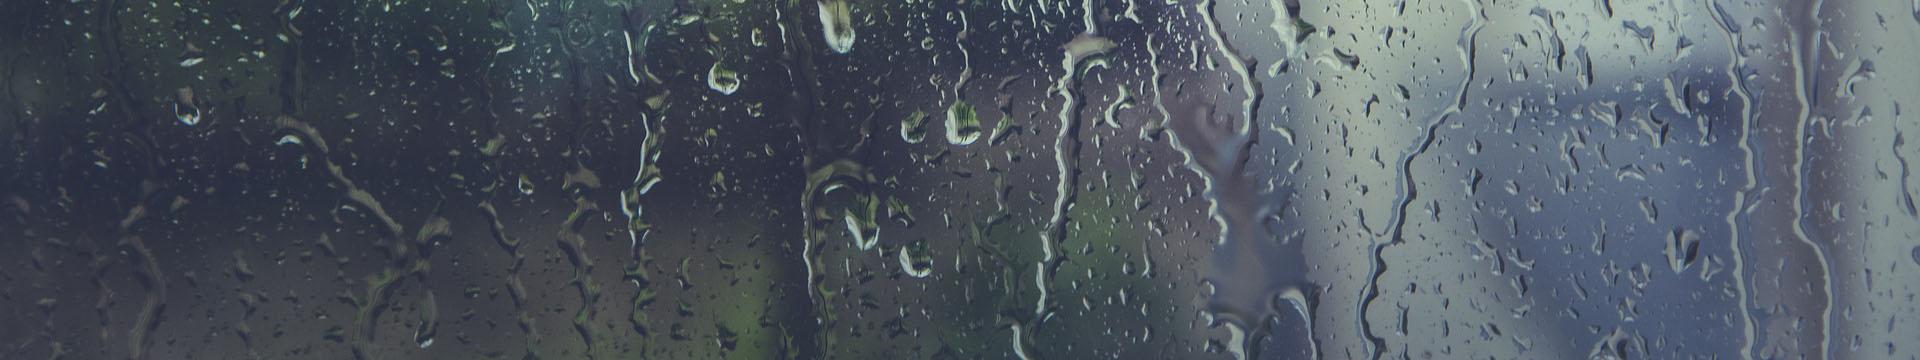 Parquet, umidità e muffa: prevenzione e cura